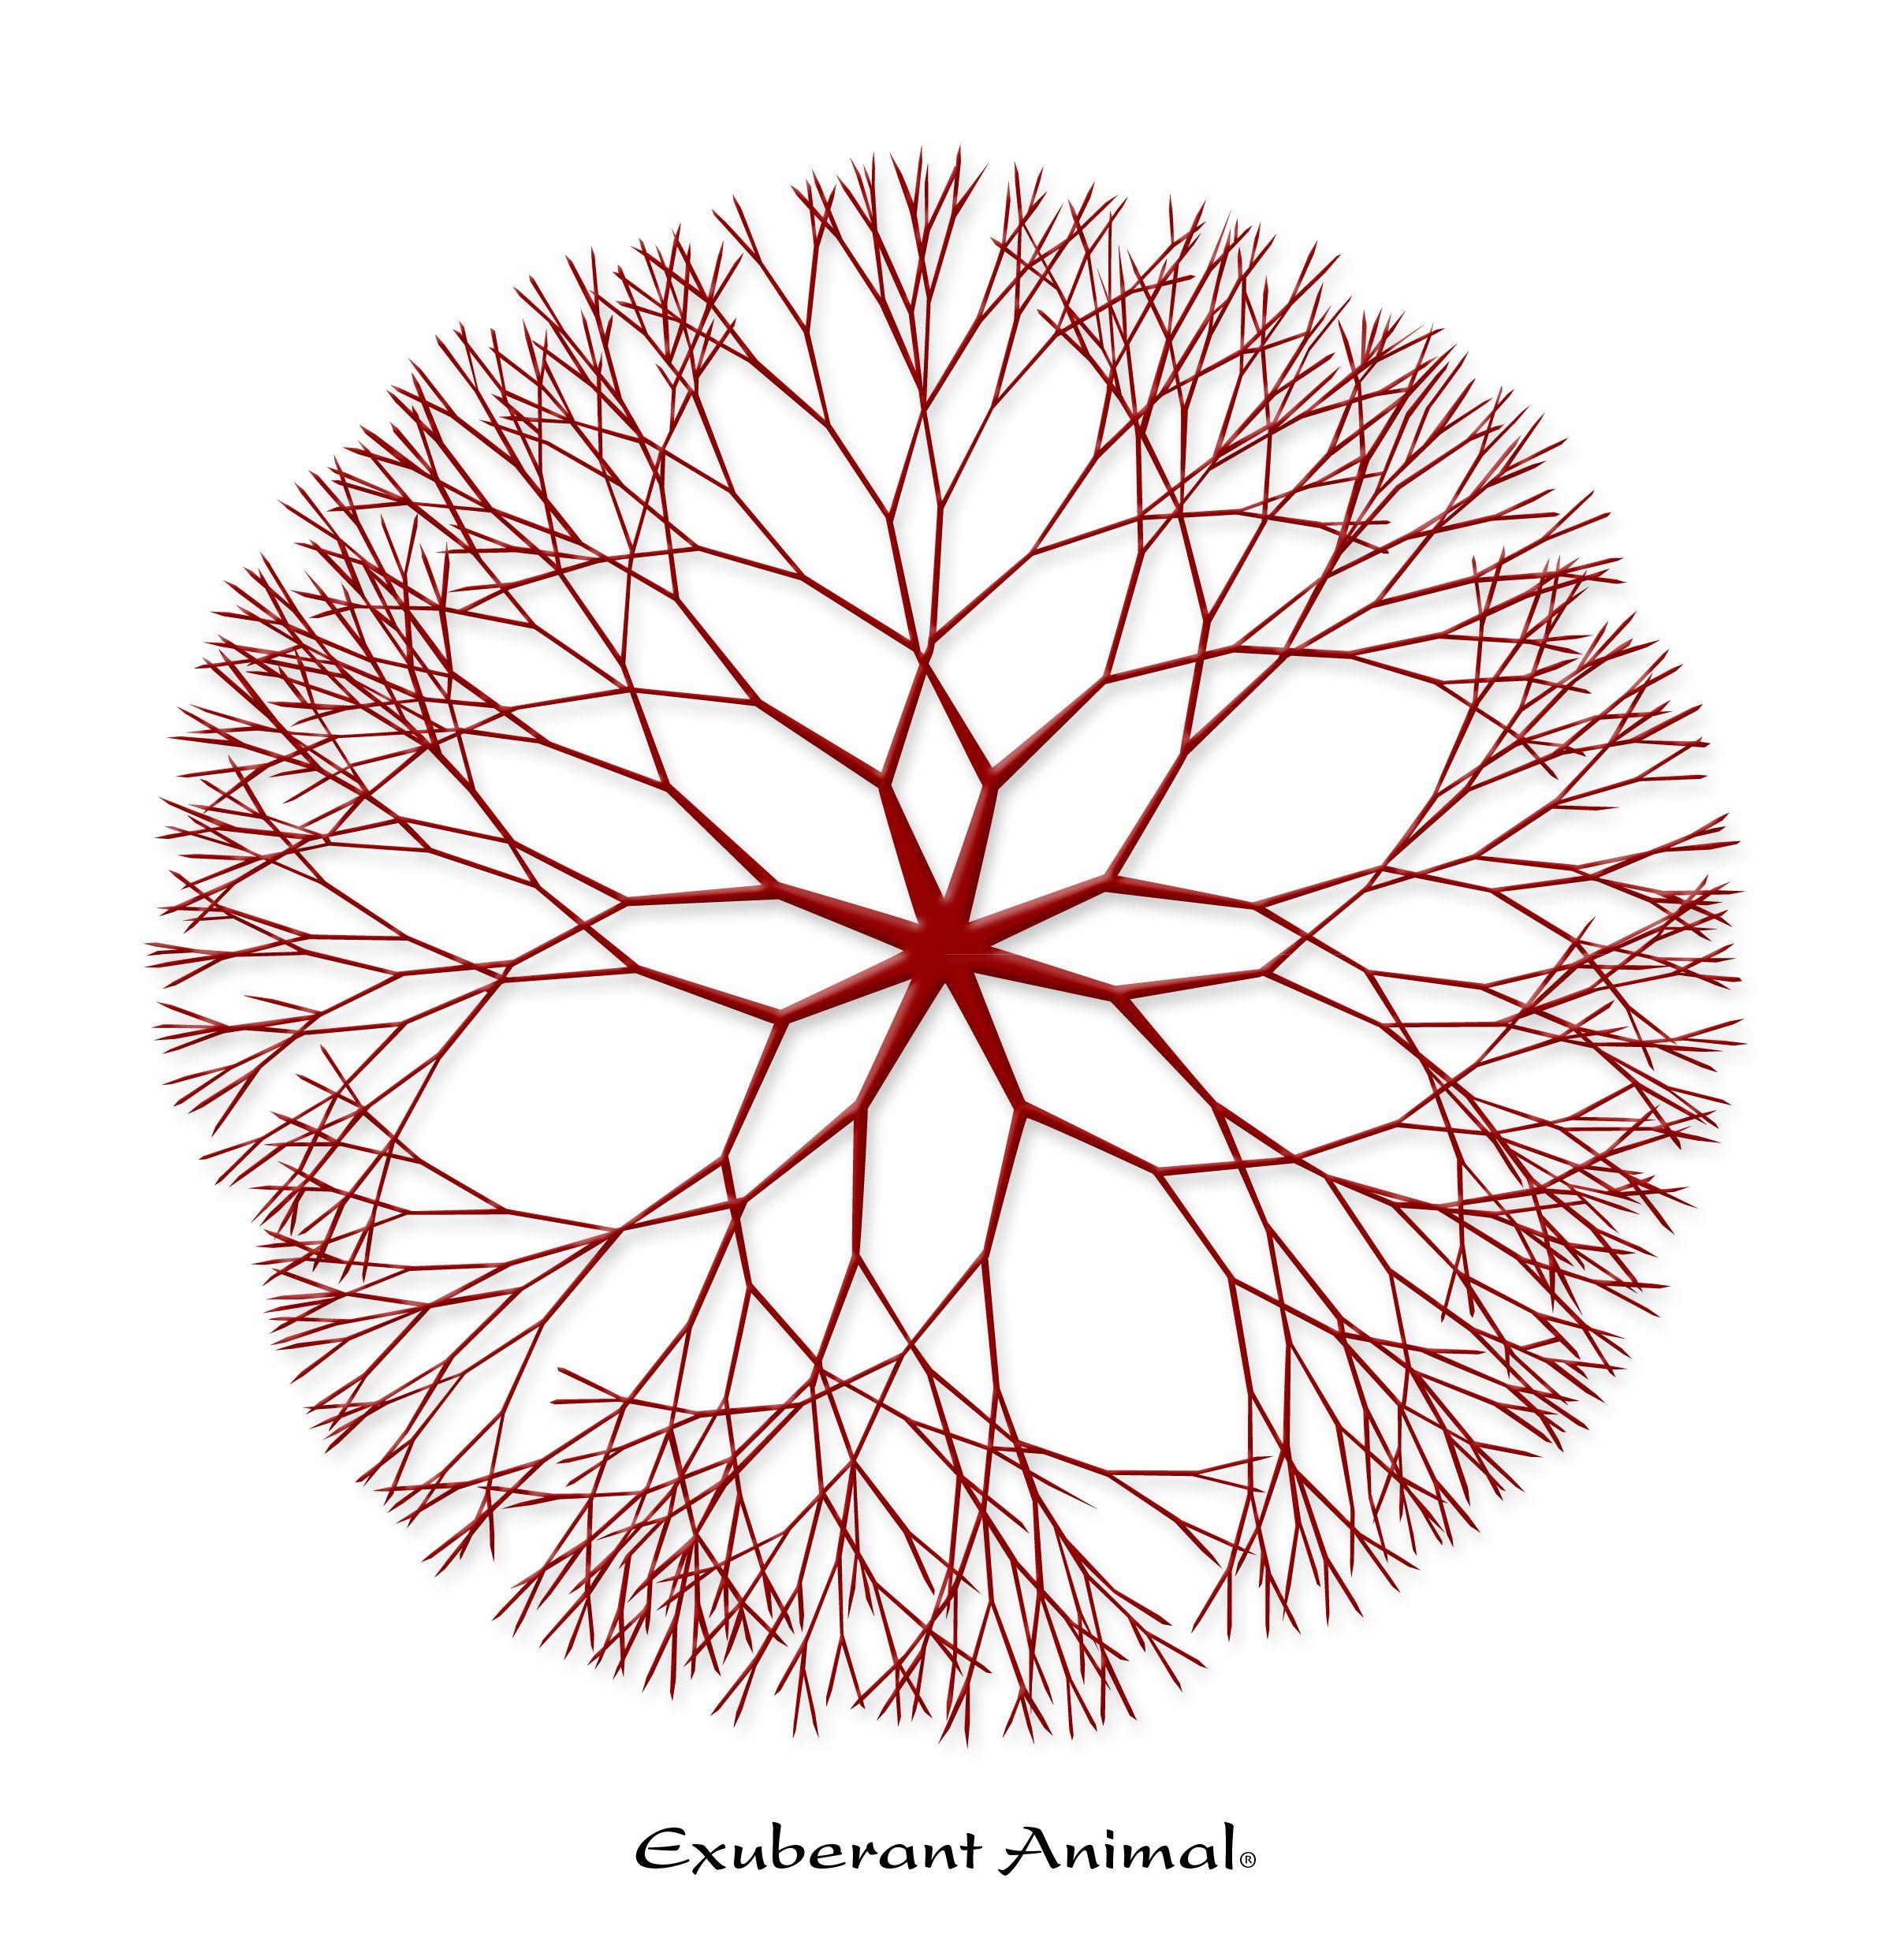 Neuron 7 Neurons Neurology Science art science biology |Neurons Art